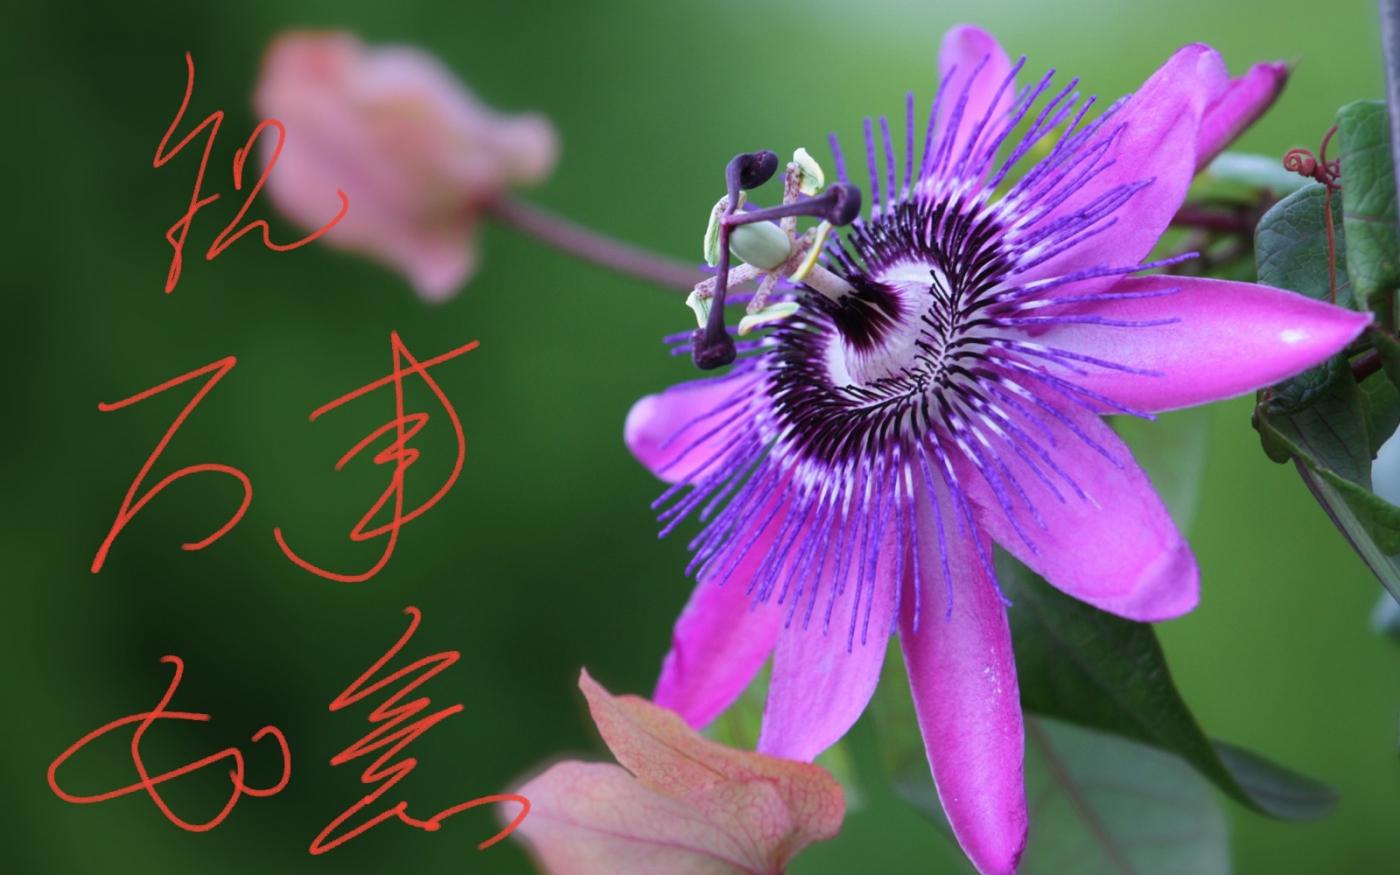 〔田螺攝影〕把祝福寫進花開里 新年好!_圖1-7